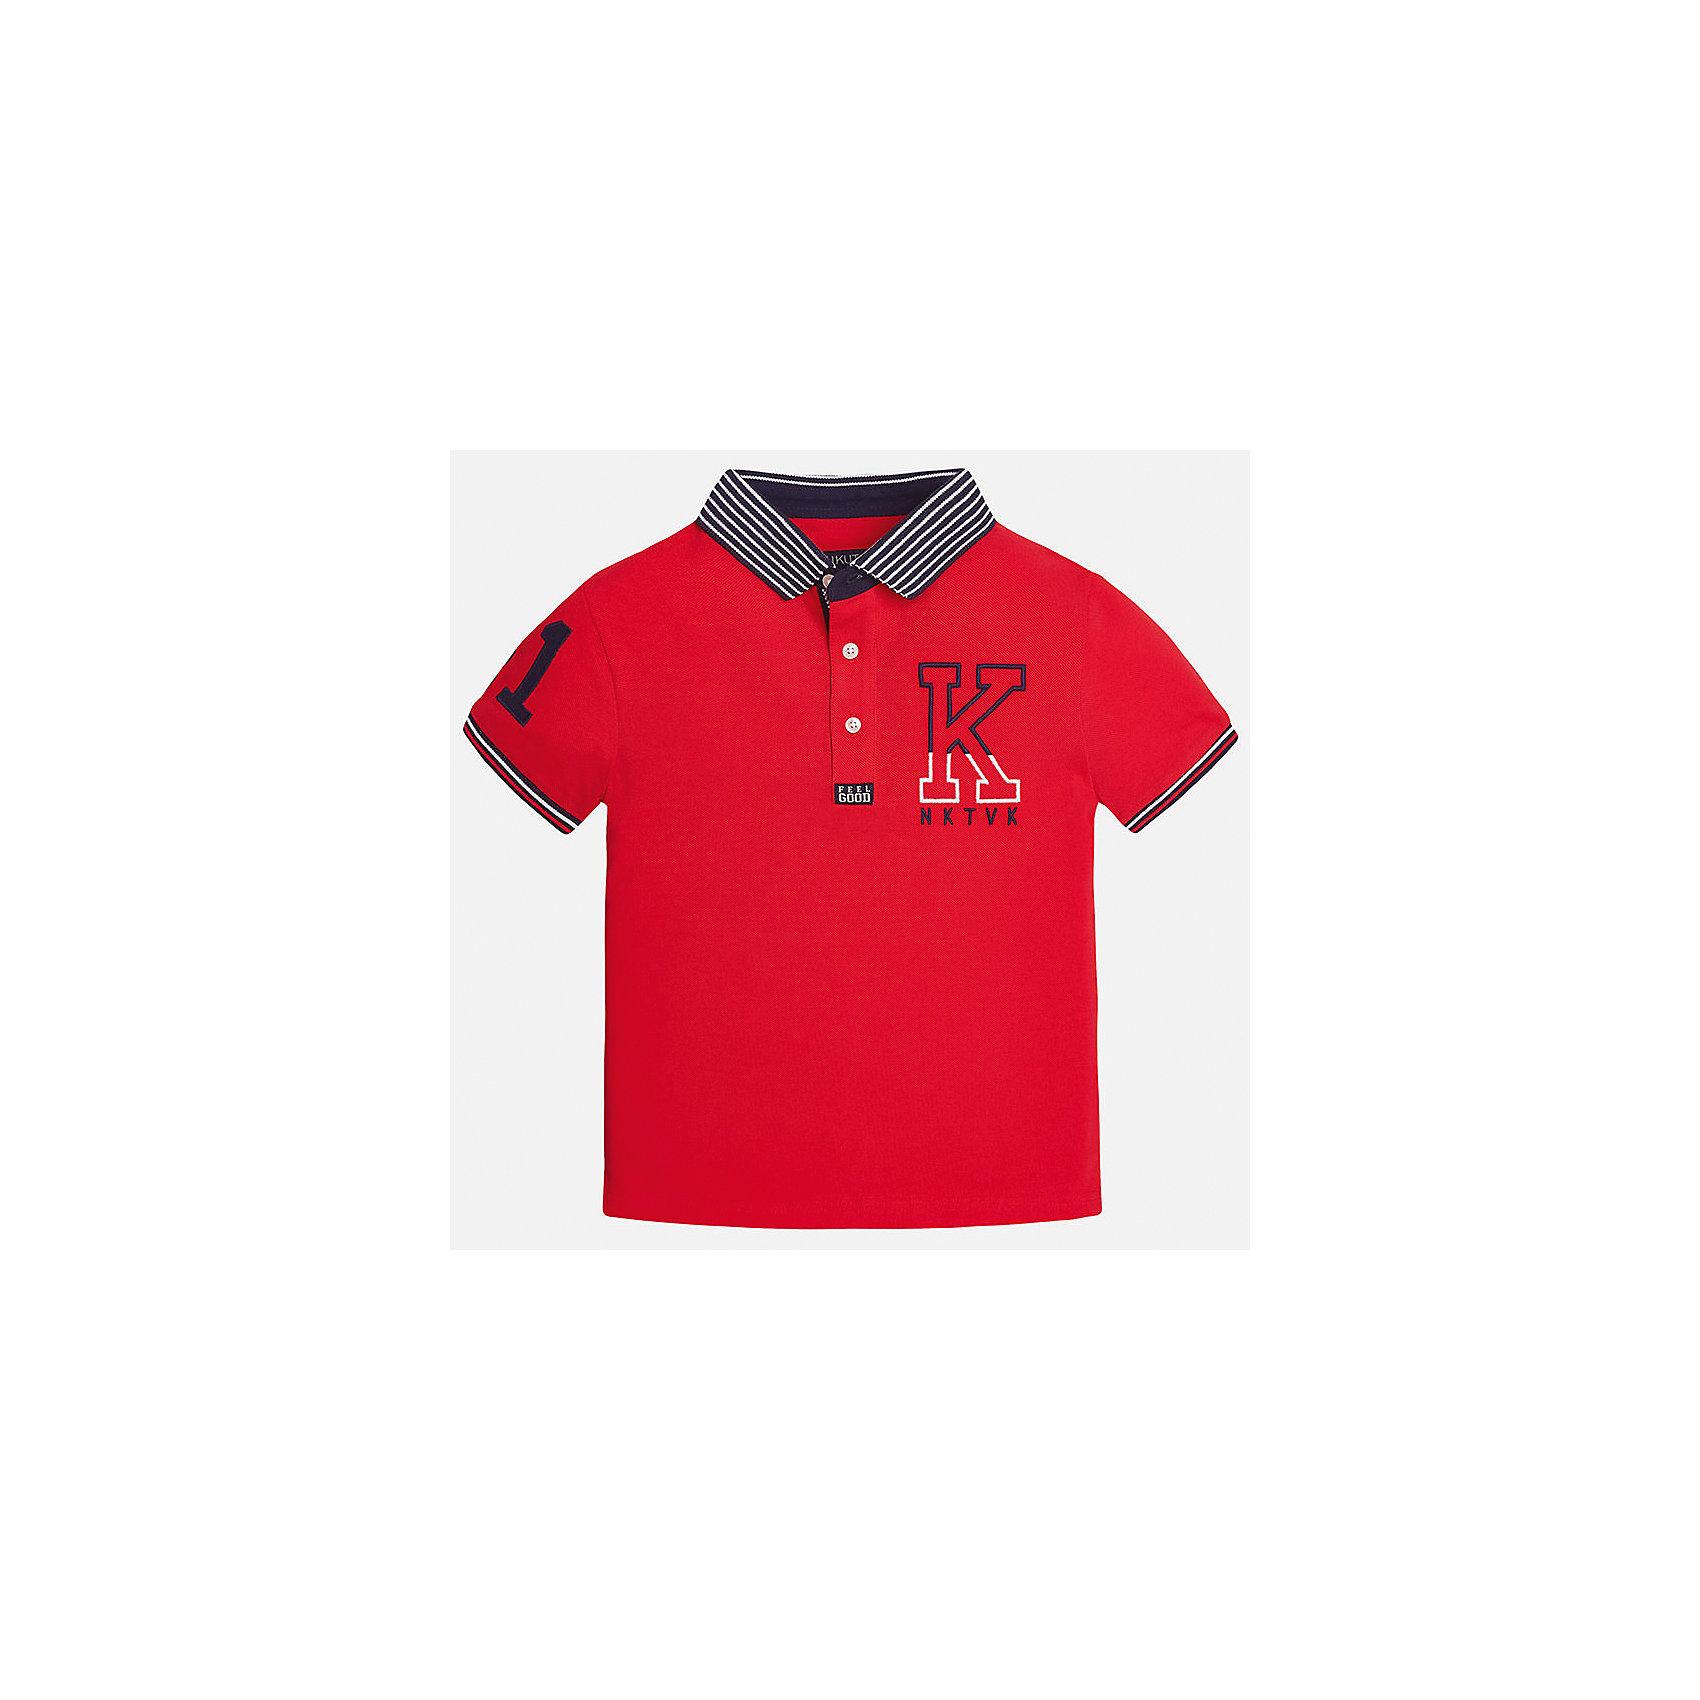 Футболка-поло для мальчика MayoralФутболки, поло и топы<br>Характеристики товара:<br><br>• цвет: красный<br>• состав: 100% хлопок<br>• отложной воротник<br>• декорирована вышивкой<br>• короткие рукава<br>• застежки: пуговицы<br>• страна бренда: Испания<br><br>Удобная стильная футболка-поло поможет разнообразить гардероб мальчика. Она отлично сочетается с брюками, шортами, джинсами. Универсальный крой и цвет позволяет подобрать к вещи низ разных расцветок. Практичное и стильное изделие! Хорошо смотрится и комфортно сидит на детях. В составе материала - только натуральный хлопок, гипоаллергенный, приятный на ощупь, дышащий. <br><br>Одежда, обувь и аксессуары от испанского бренда Mayoral полюбились детям и взрослым по всему миру. Модели этой марки - стильные и удобные. Для их производства используются только безопасные, качественные материалы и фурнитура. Порадуйте ребенка модными и красивыми вещами от Mayoral! <br><br>Футболка-поло для мальчика от испанского бренда Mayoral (Майорал) можно купить в нашем интернет-магазине.<br><br>Ширина мм: 230<br>Глубина мм: 40<br>Высота мм: 220<br>Вес г: 250<br>Цвет: красный<br>Возраст от месяцев: 132<br>Возраст до месяцев: 144<br>Пол: Мужской<br>Возраст: Детский<br>Размер: 158,140,128/134,170,152,164<br>SKU: 5281479